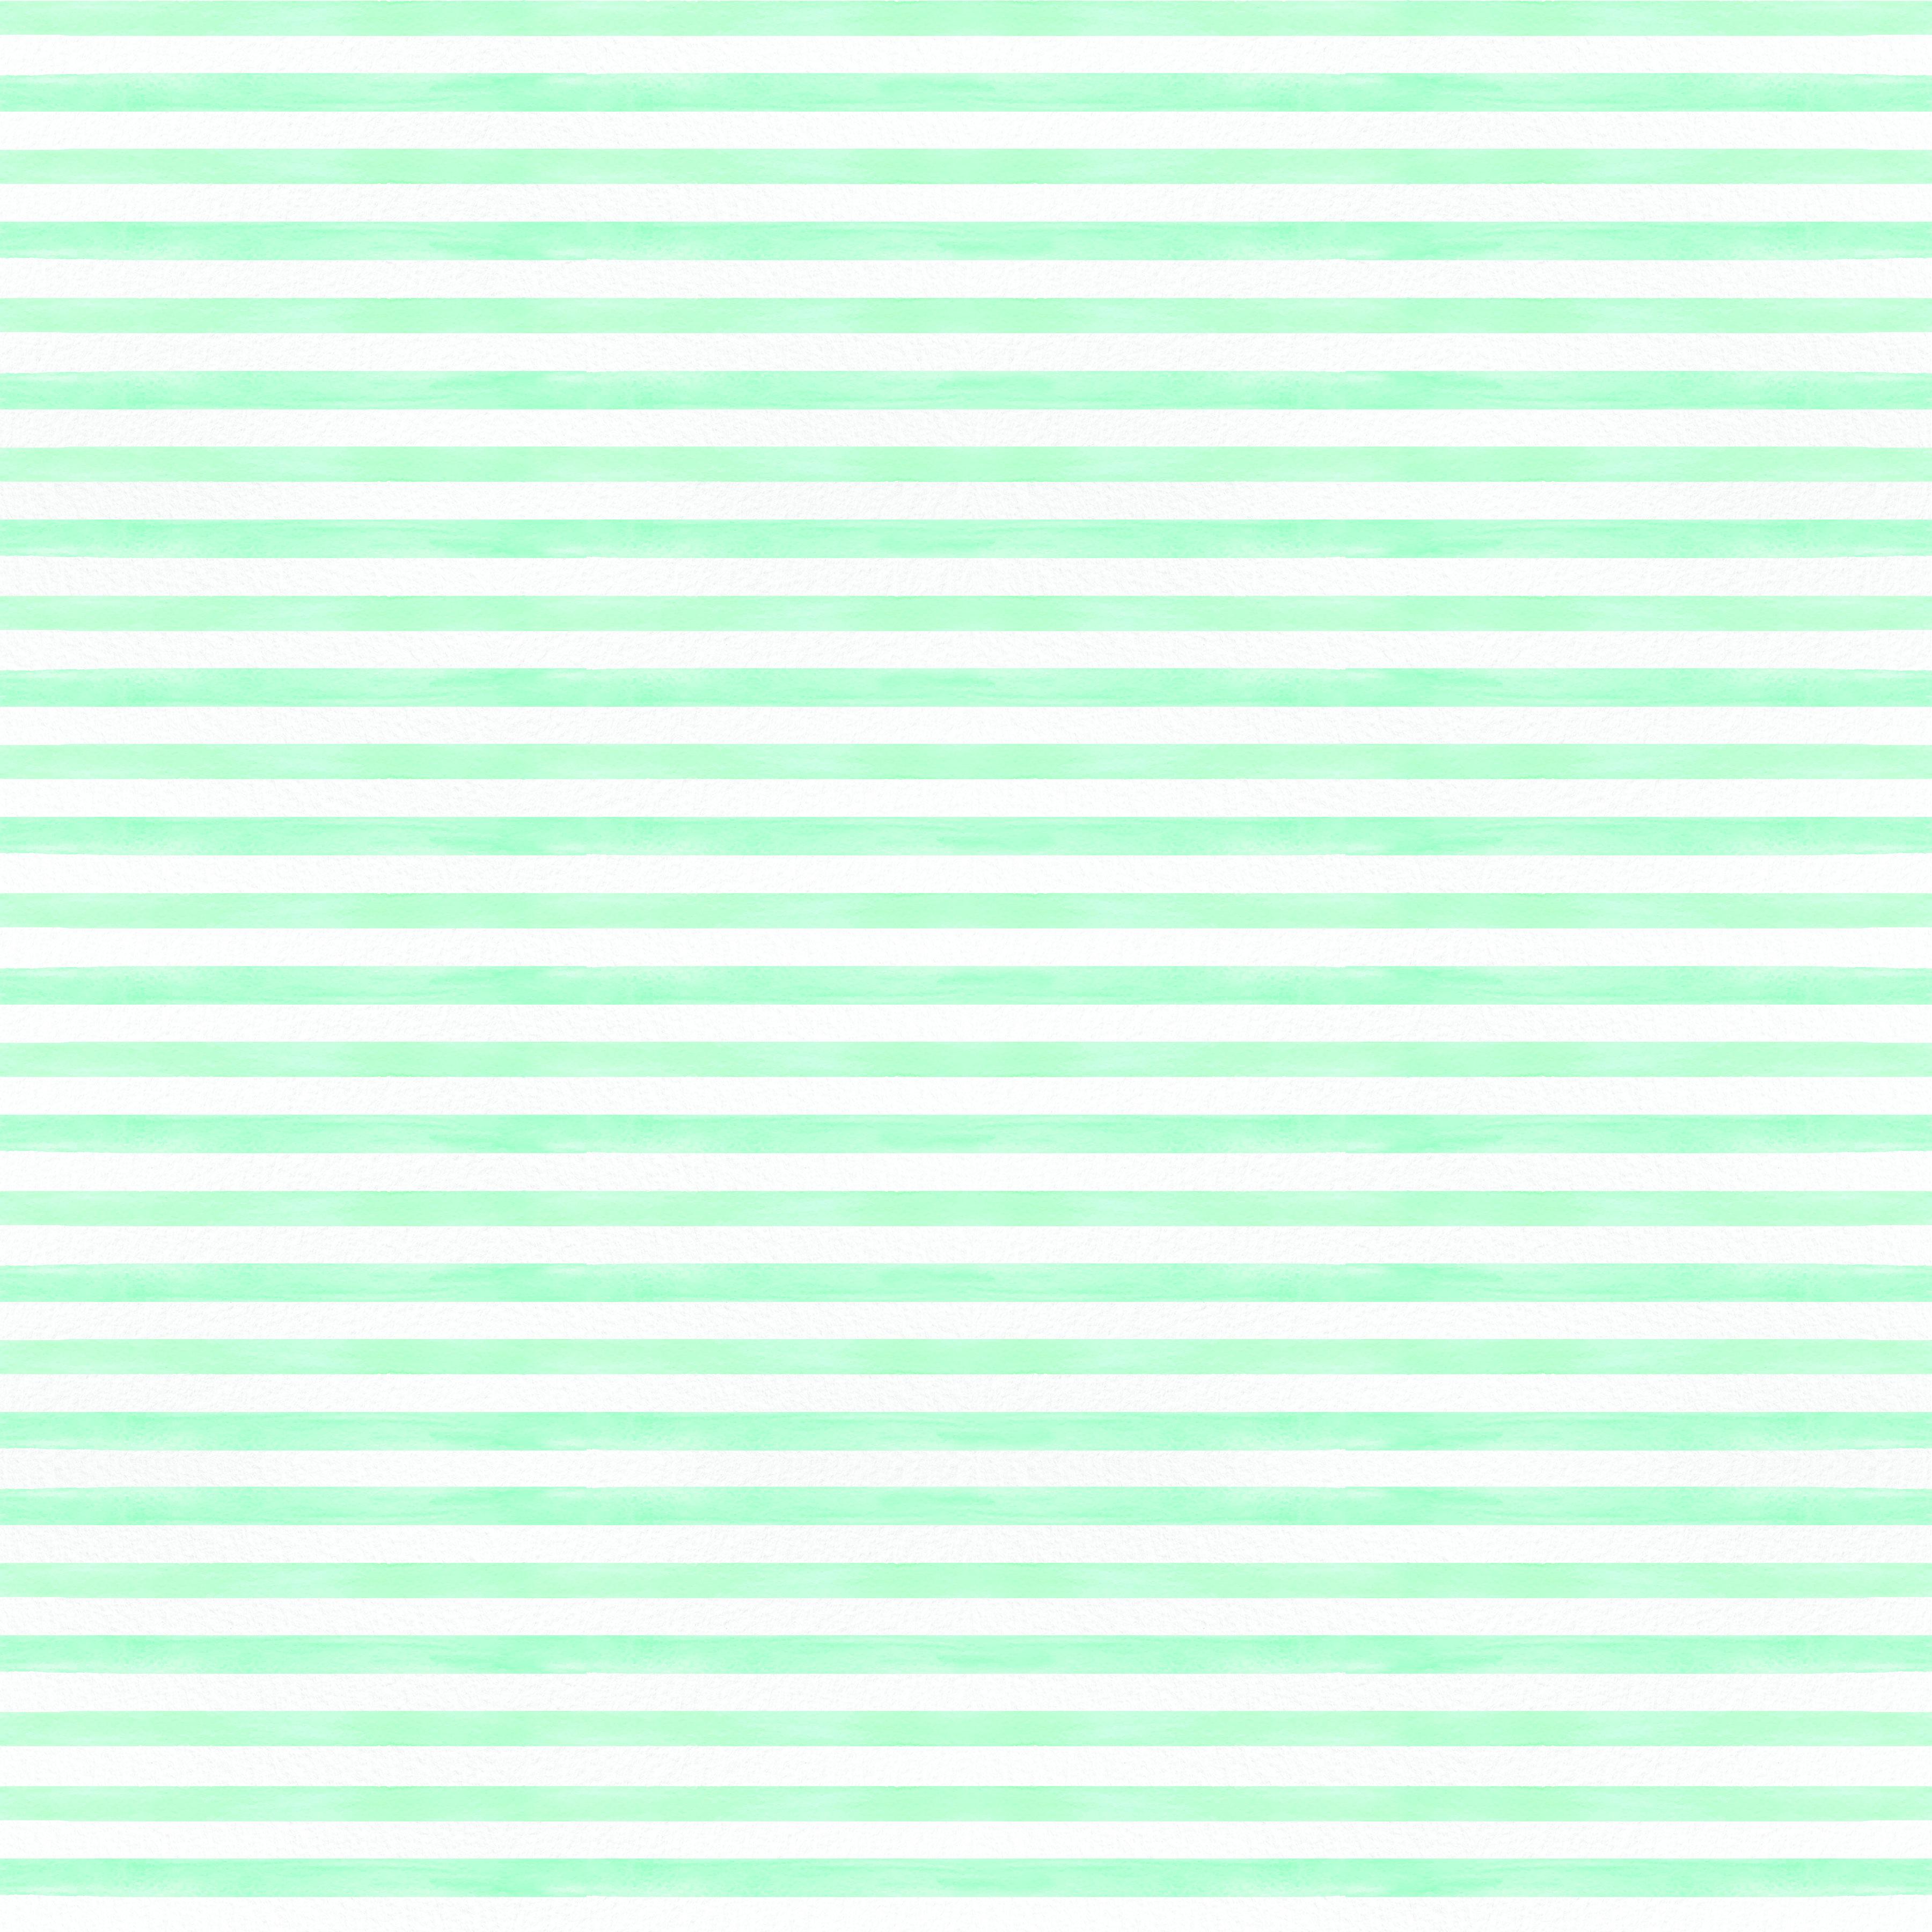 papel digital circo aquarela 7